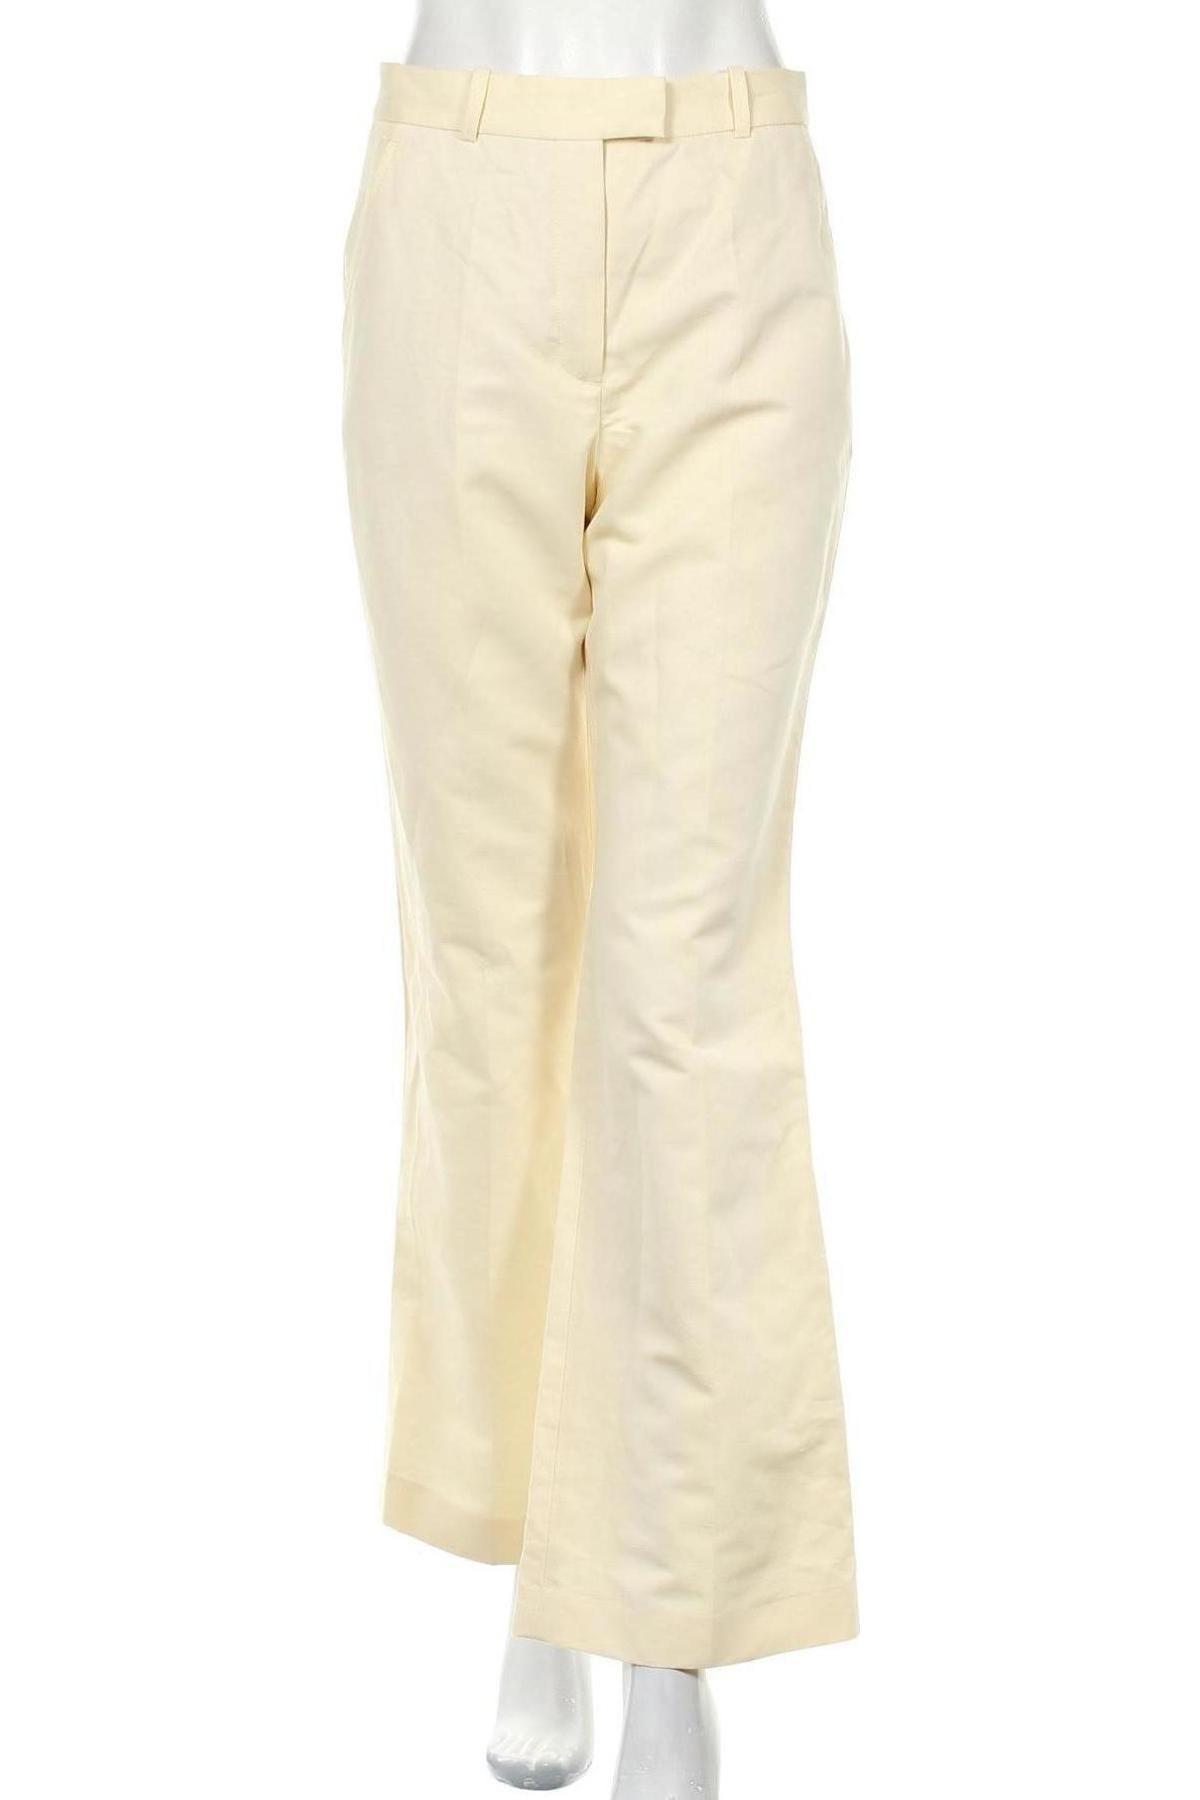 Дамски панталон Zara, Размер S, Цвят Екрю, 53% памук, 47% лен, Цена 14,72лв.